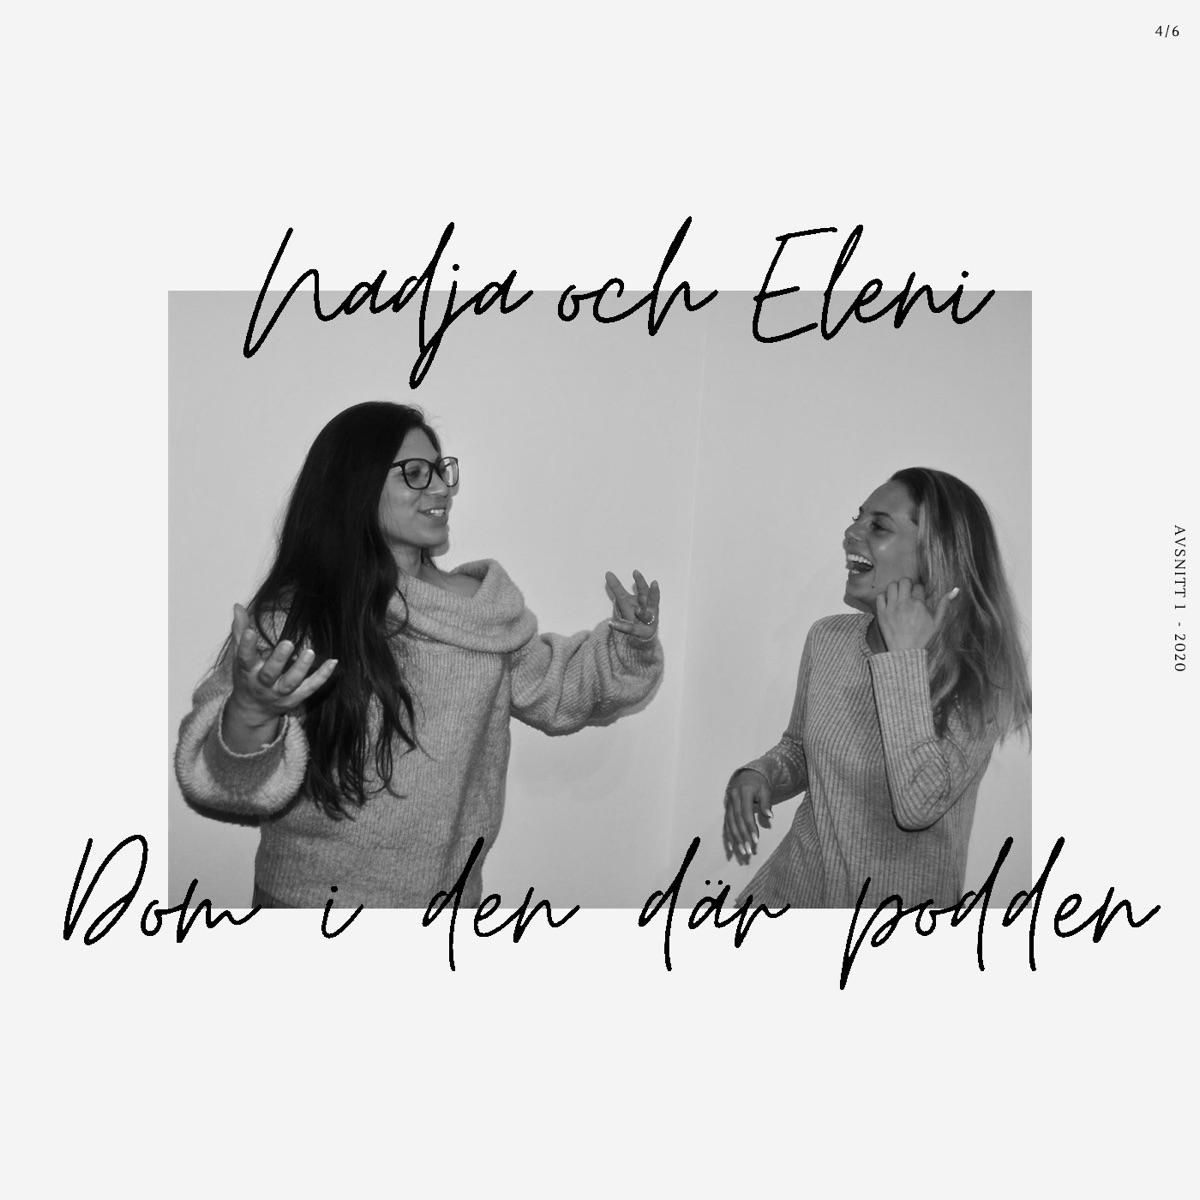 Nadja & Eleni - Dom i den där podden